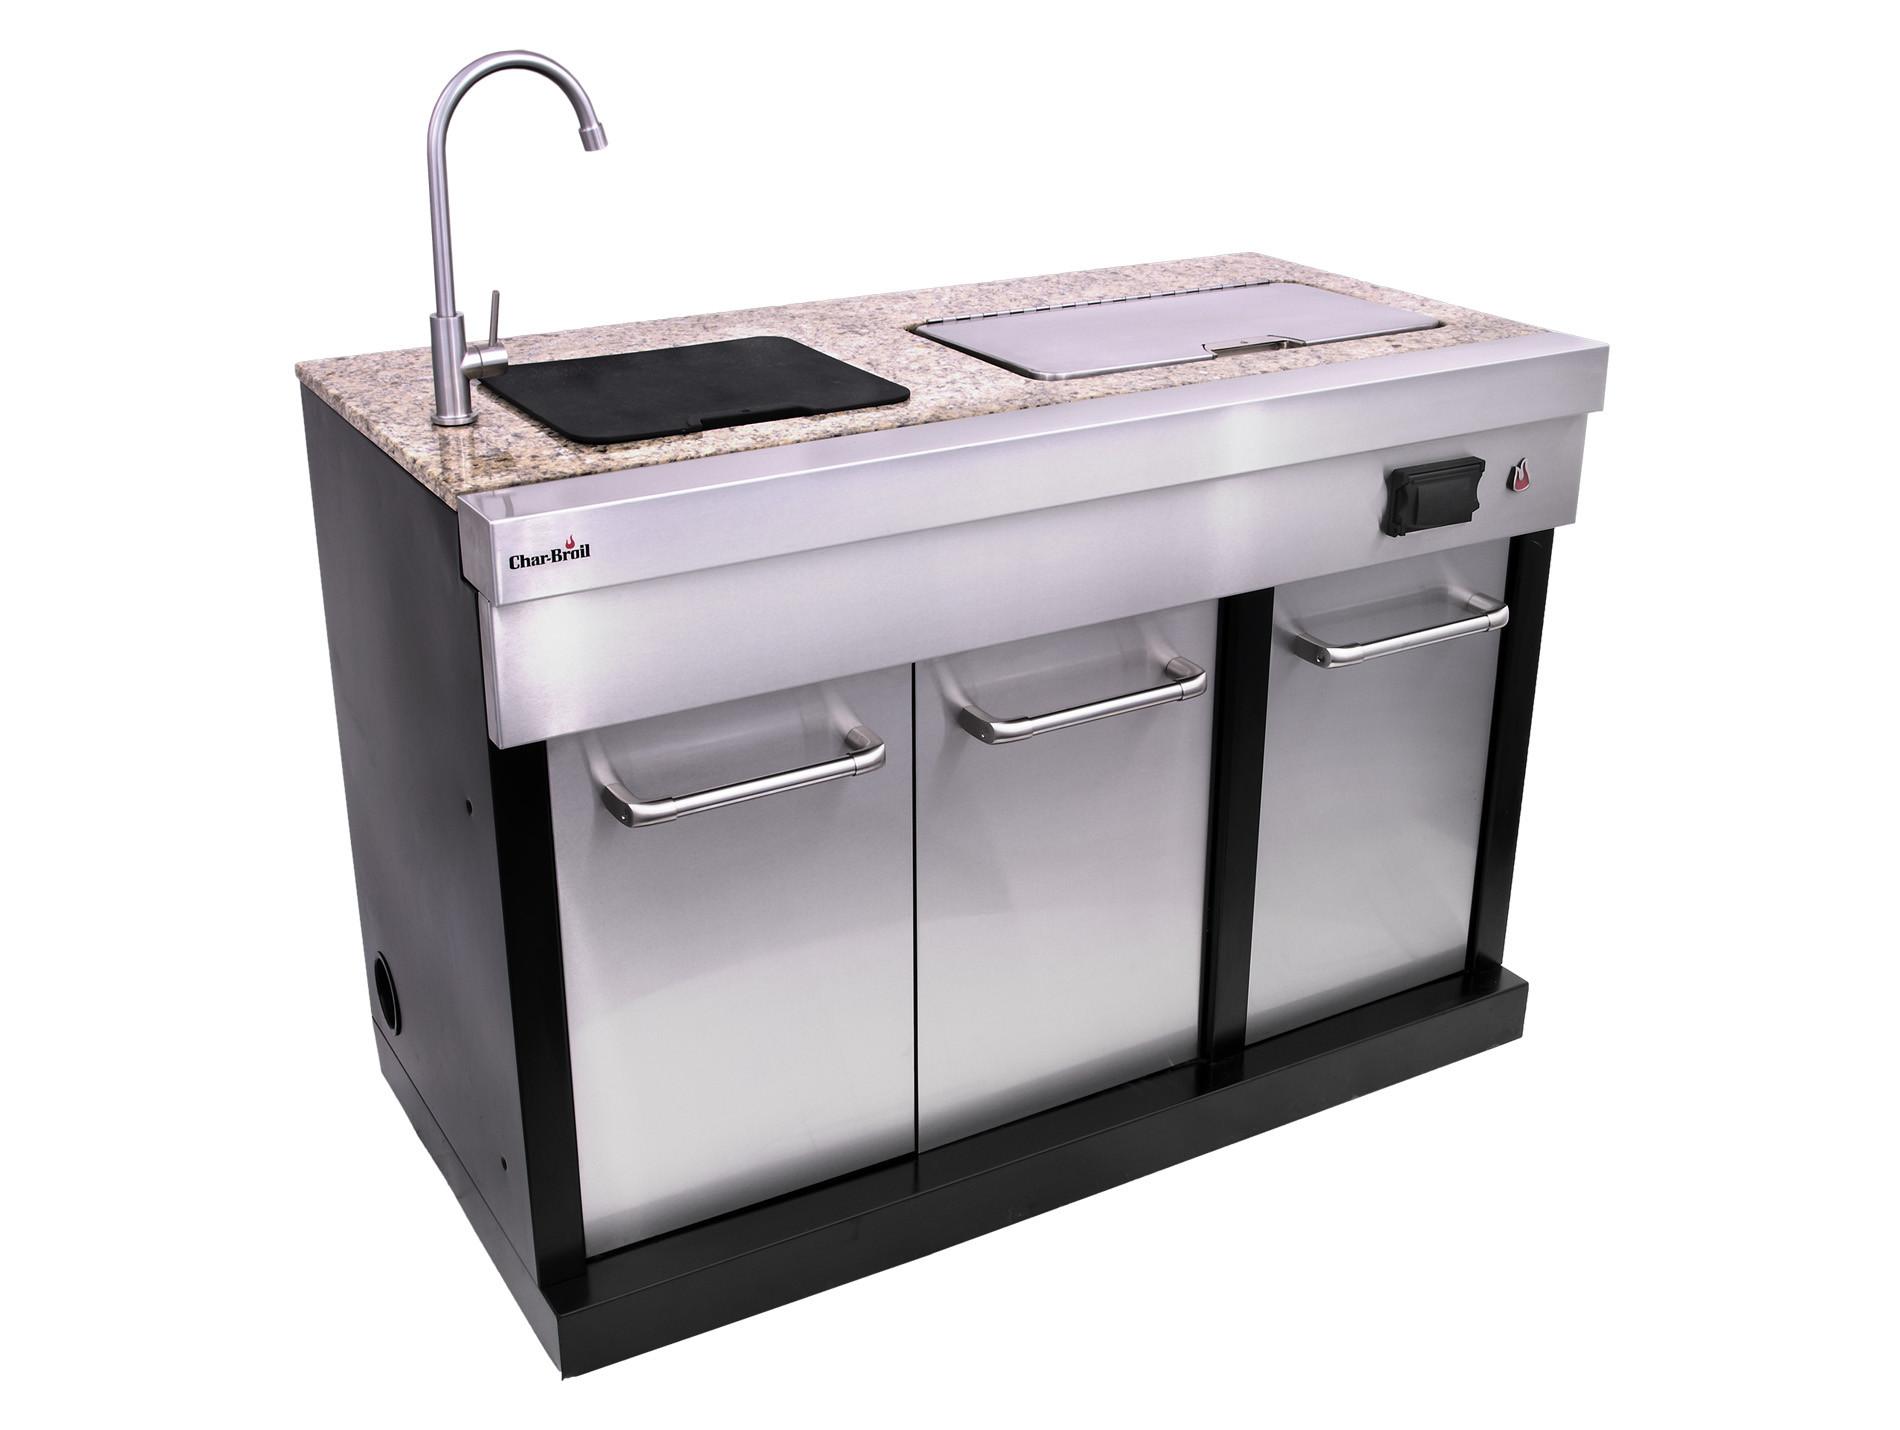 Cuisine extérieure Char-Broil® Ultimate module évier + froid